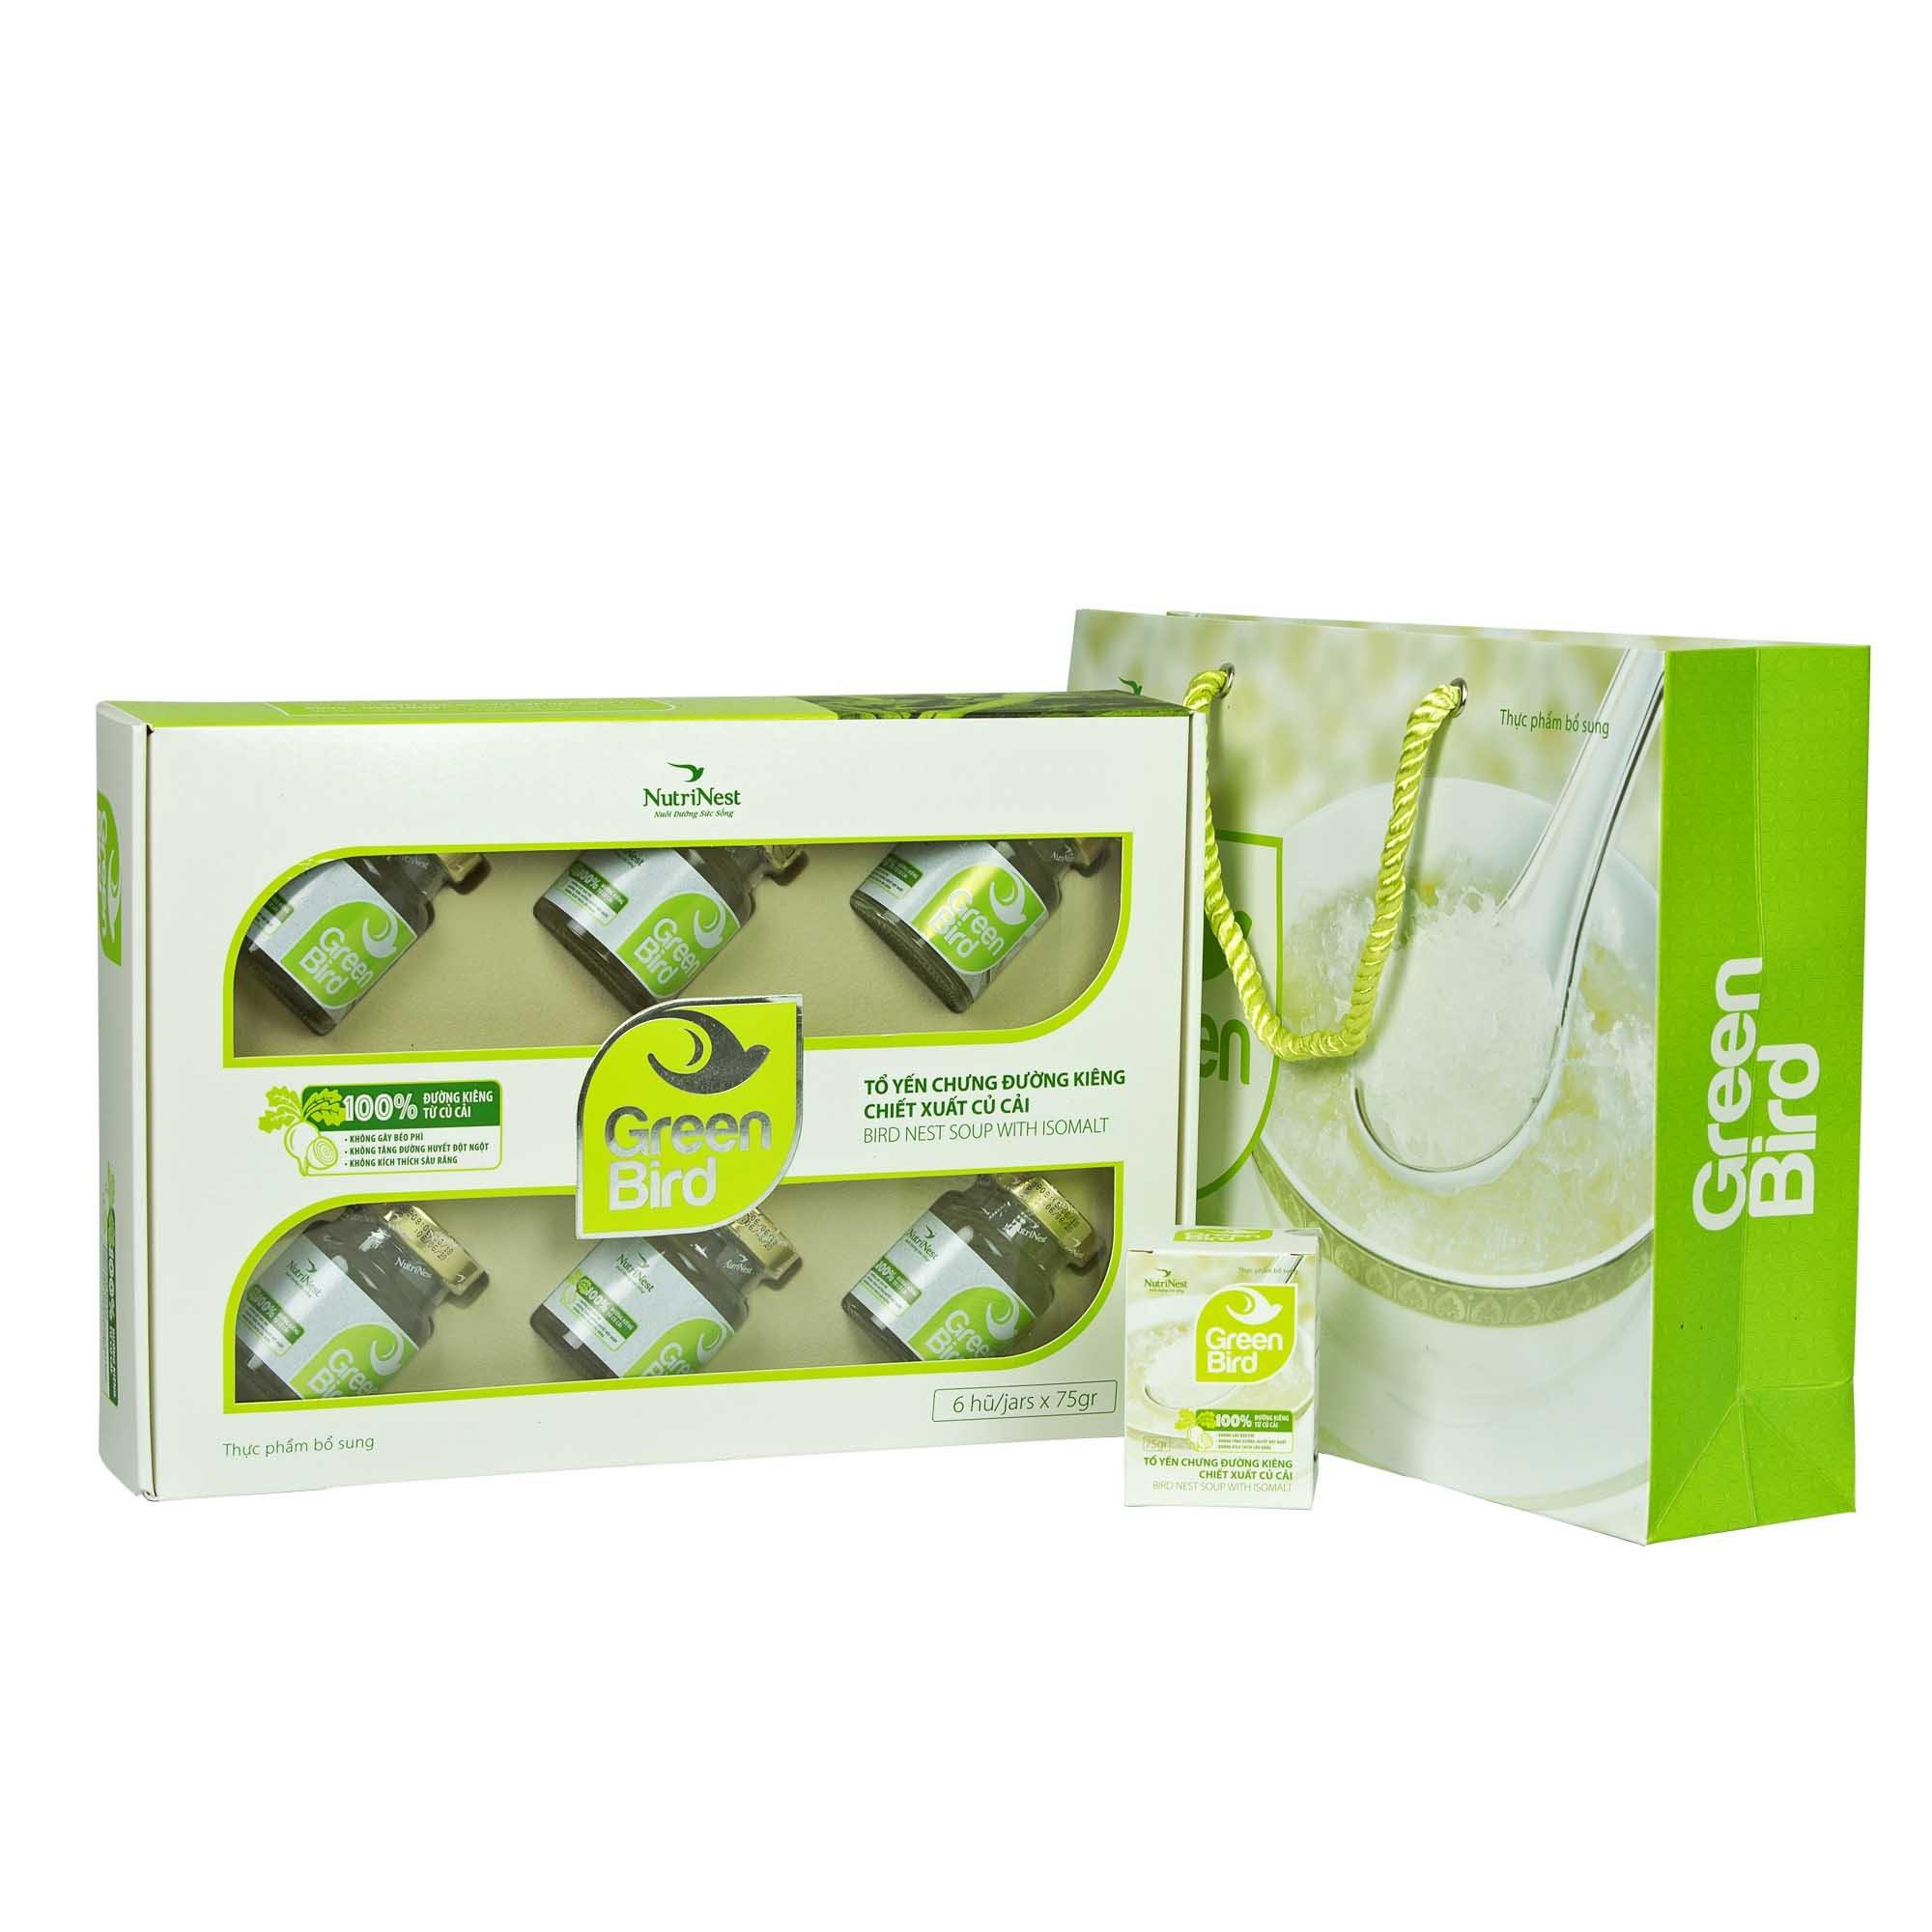 Green Bird - nước yến sào chưng đường phèn